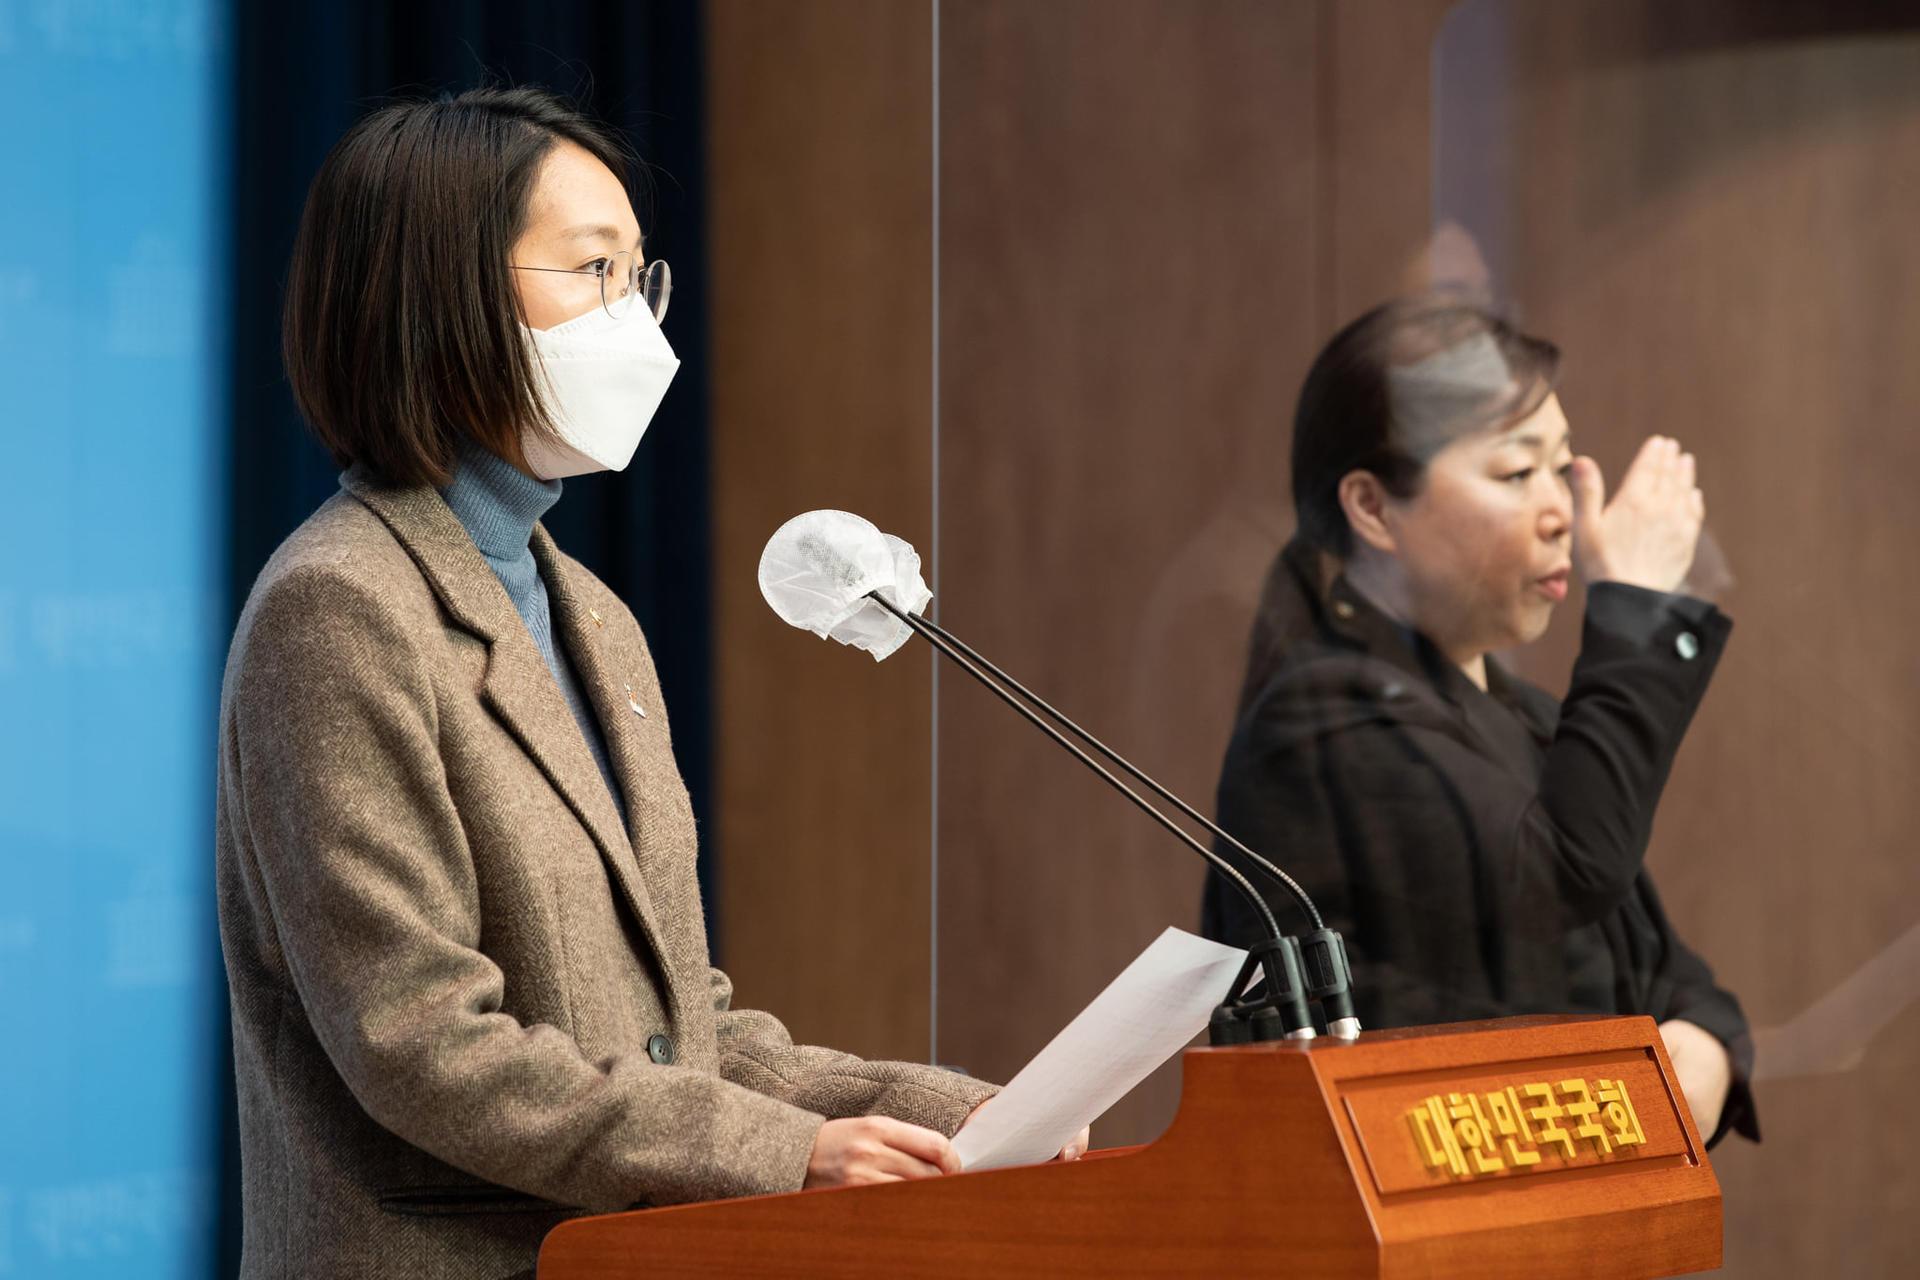 2020년 11월 27일 장혜영 정의당 원내대변인이 선거용 예타면제 특별법에 정의당은 명백한 반대 입장을 밝힌다는 브리핑을 하고 있는 사진, 수어통역사와 함께.